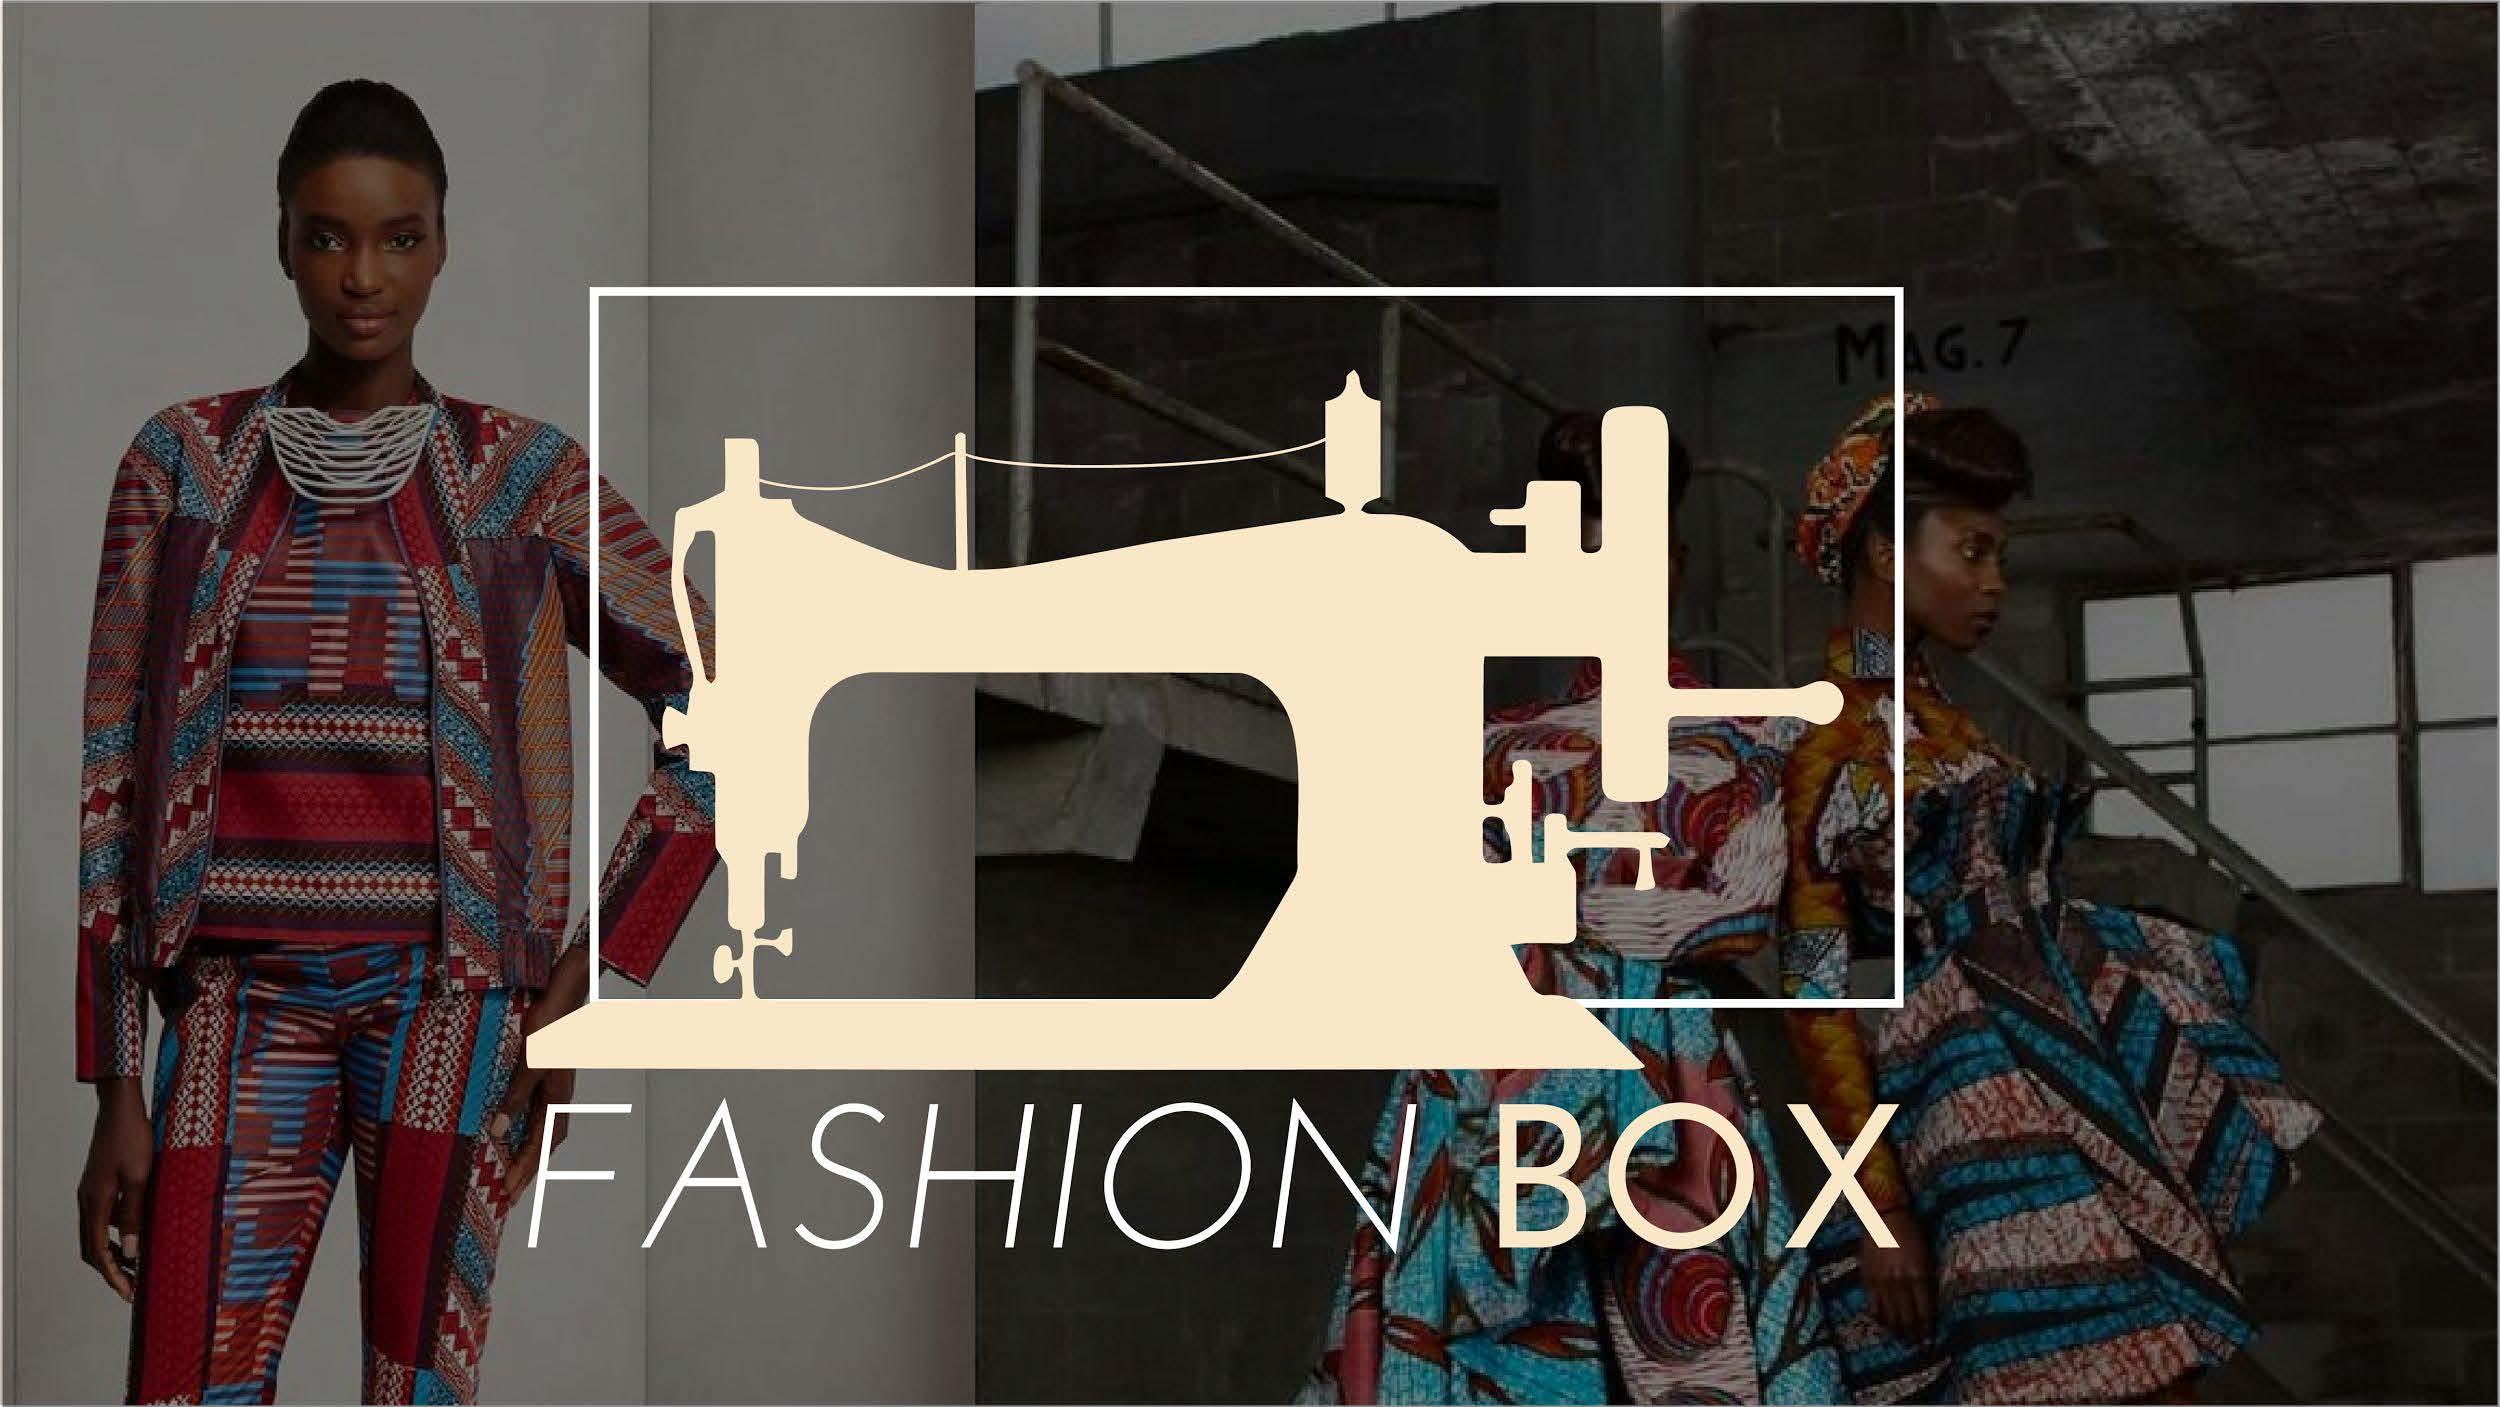 Fashion Box - Final Pitch Deck-1_Page_01.jpg